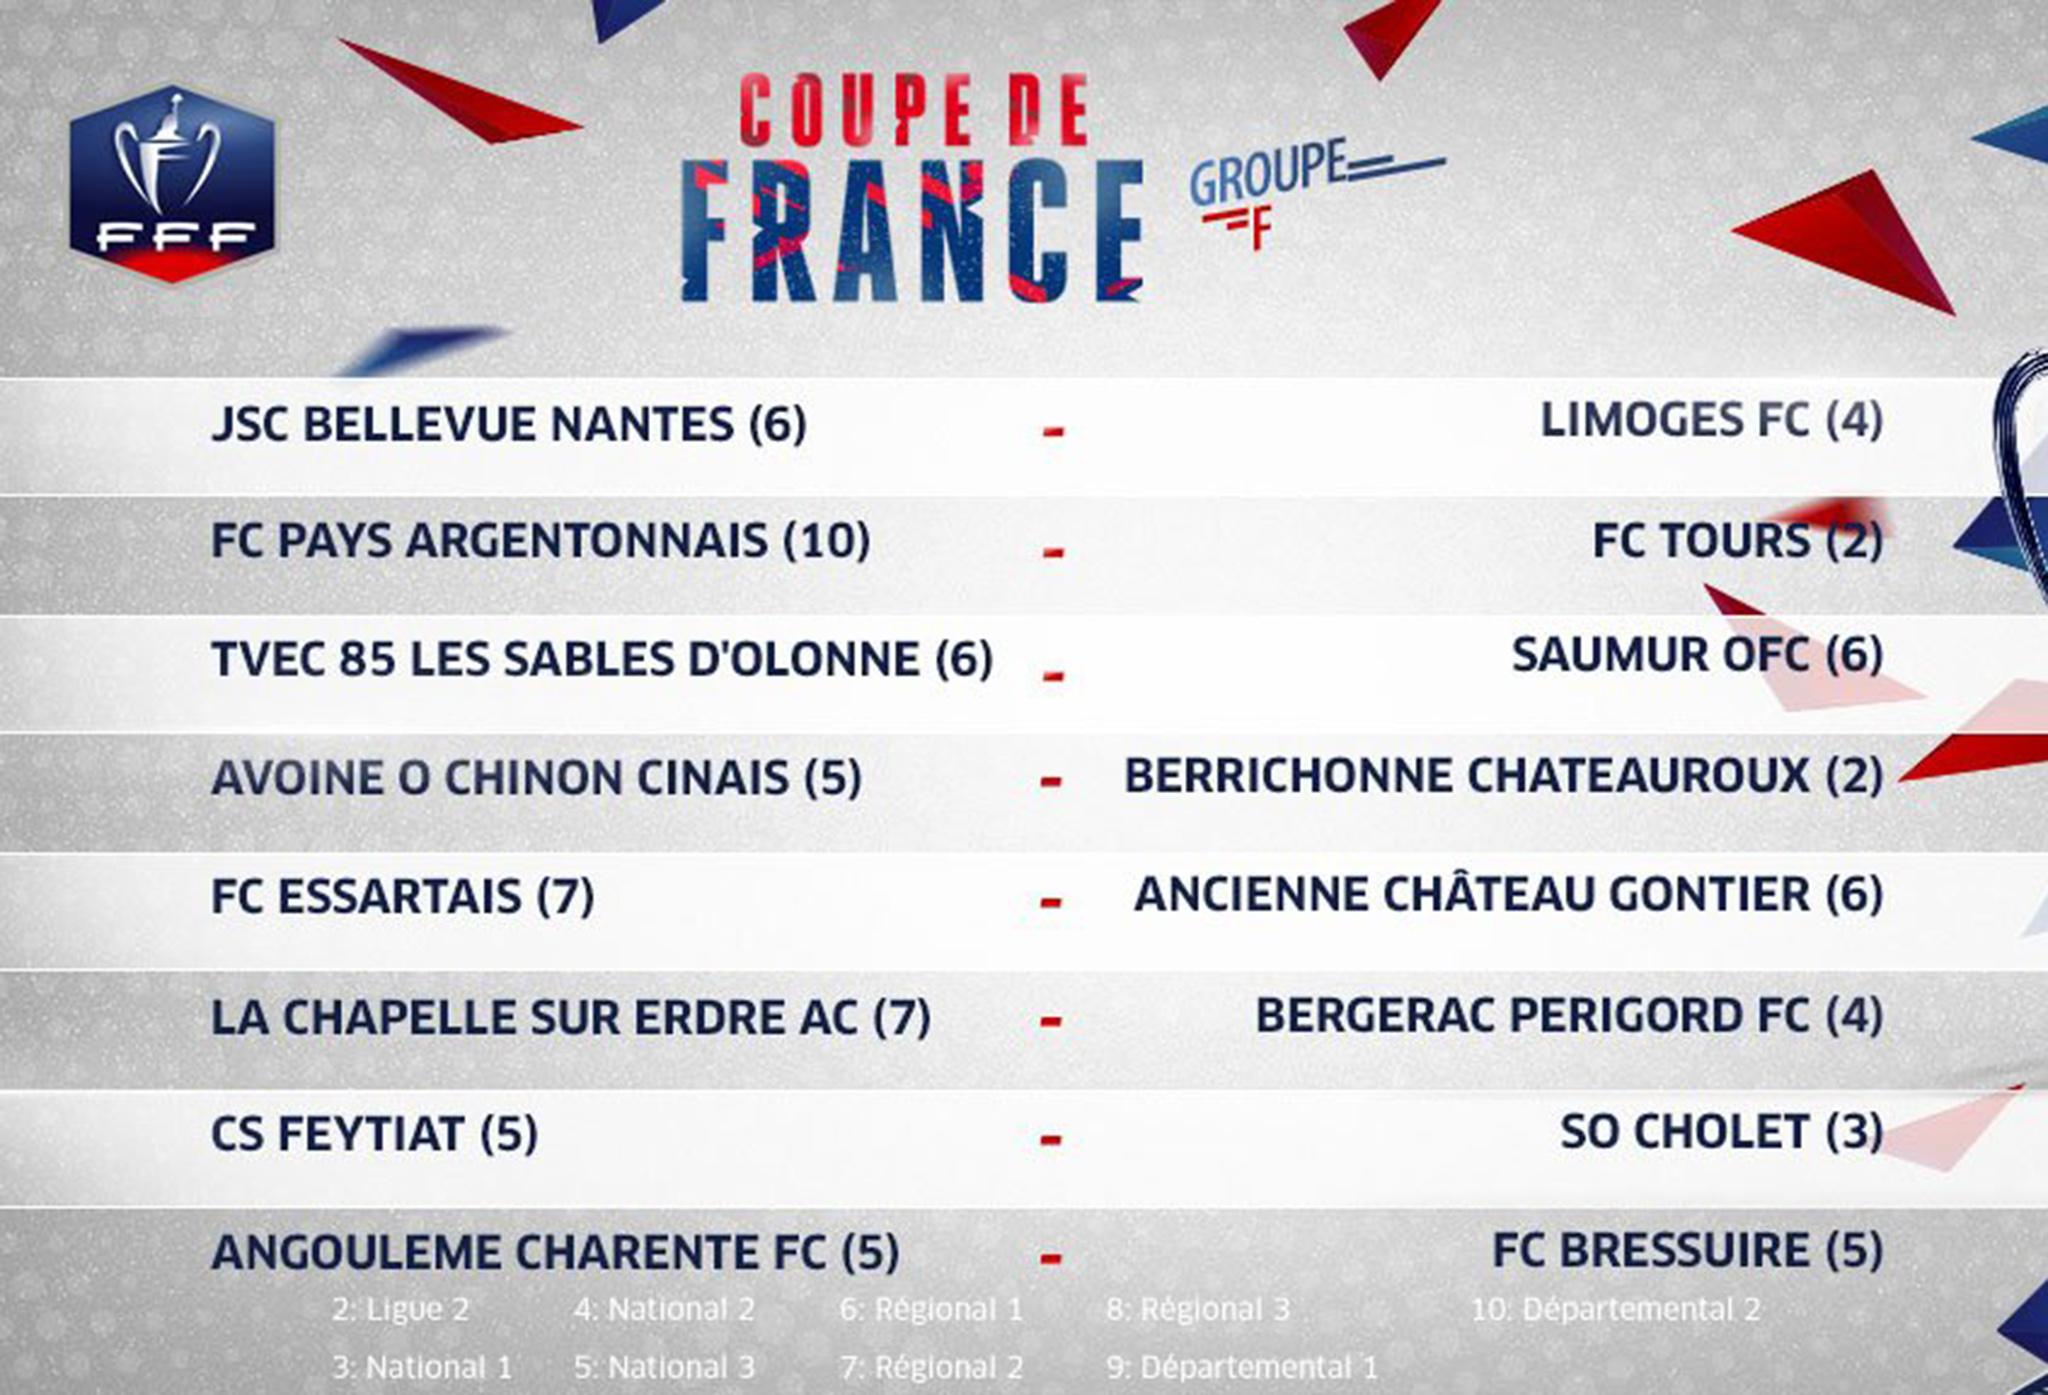 Tirage au sort du 7e tour de la coupe de france pour saumur ofc et le so cholet passion sports 49 - Tirage au sort 8eme tour coupe de france ...